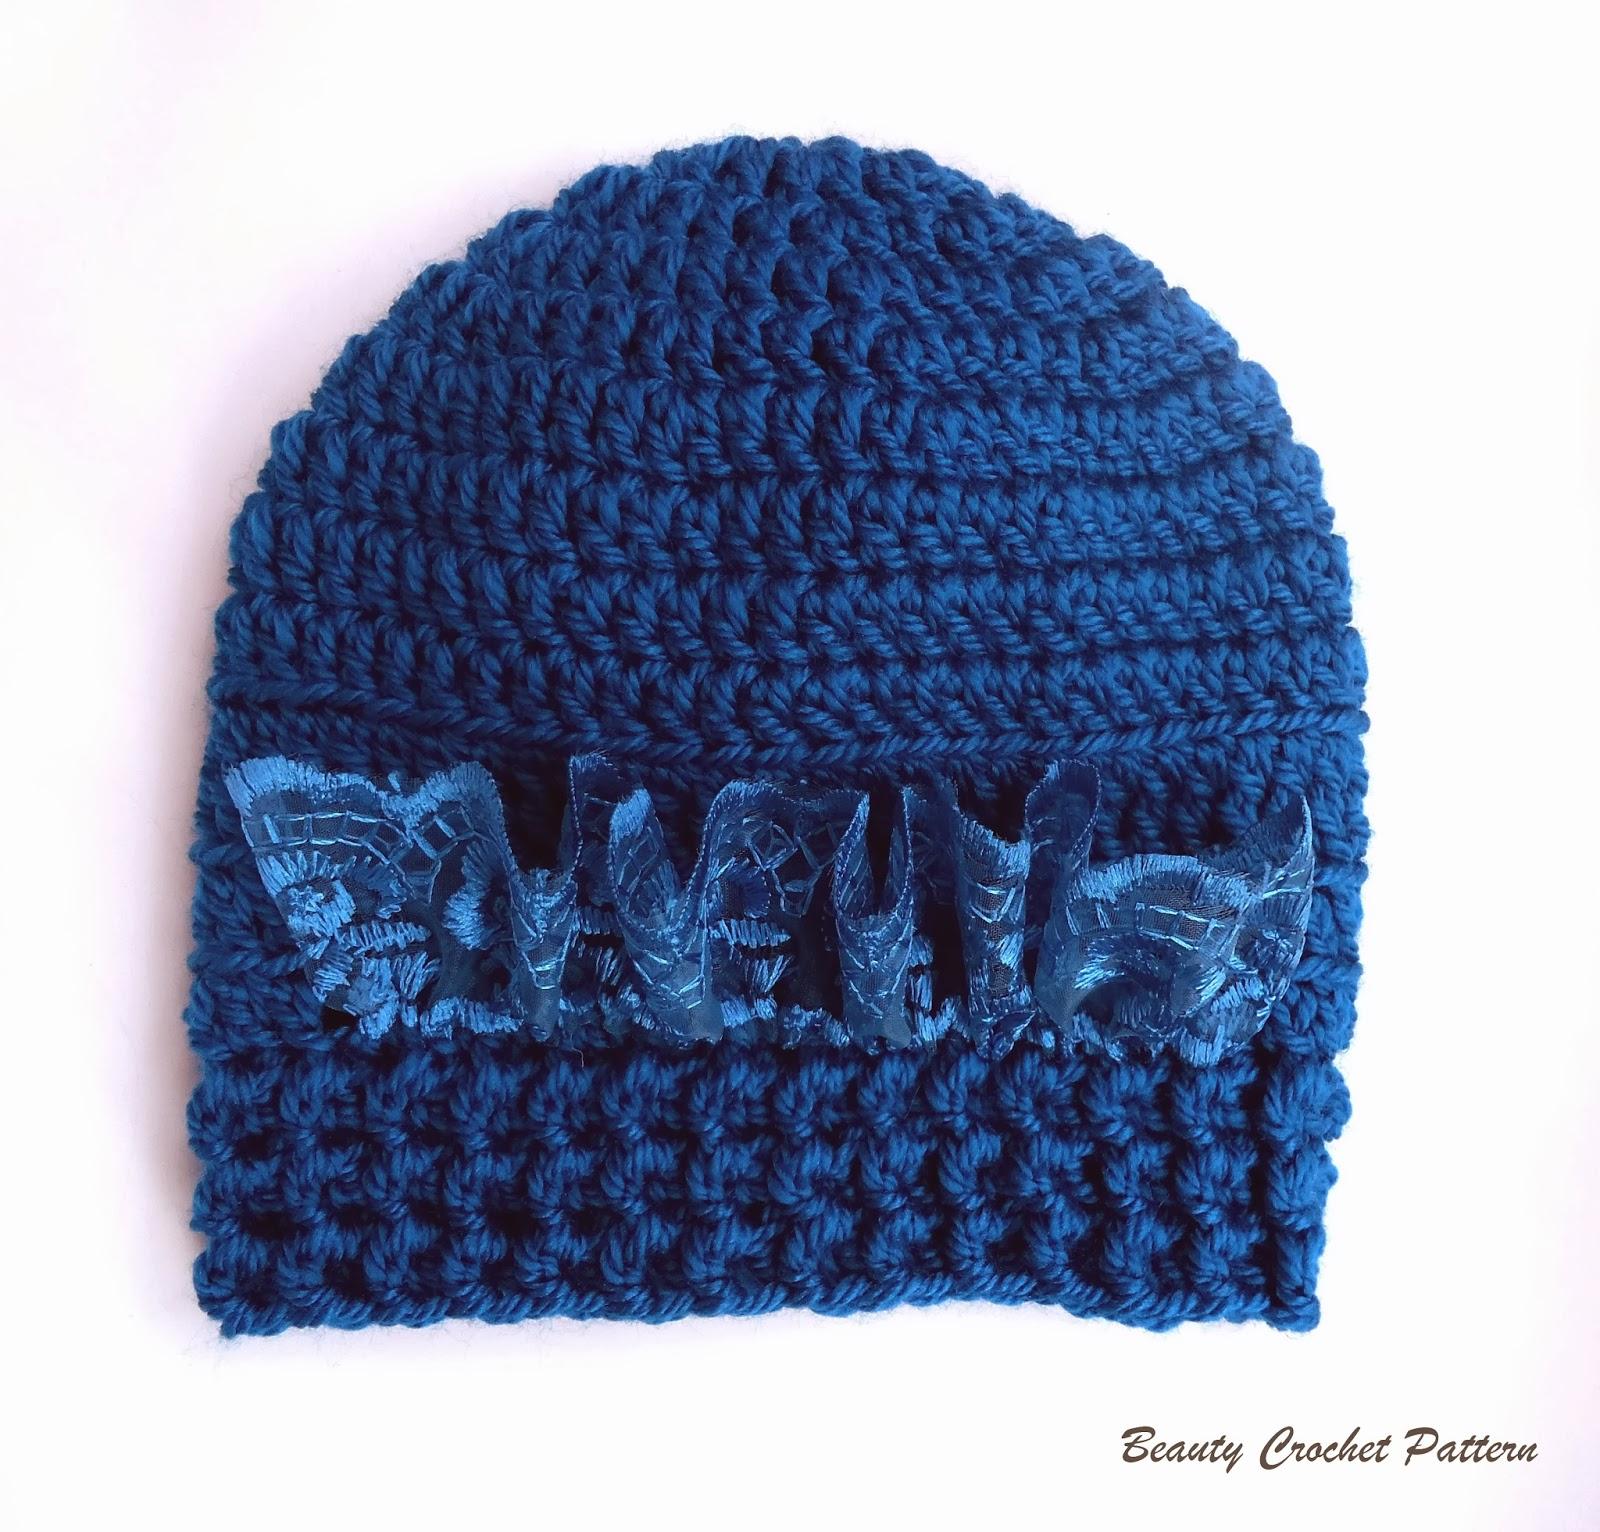 Beauty Crochet Pattern: BABY CROCHET HAT PATTERN WITH LACE ...